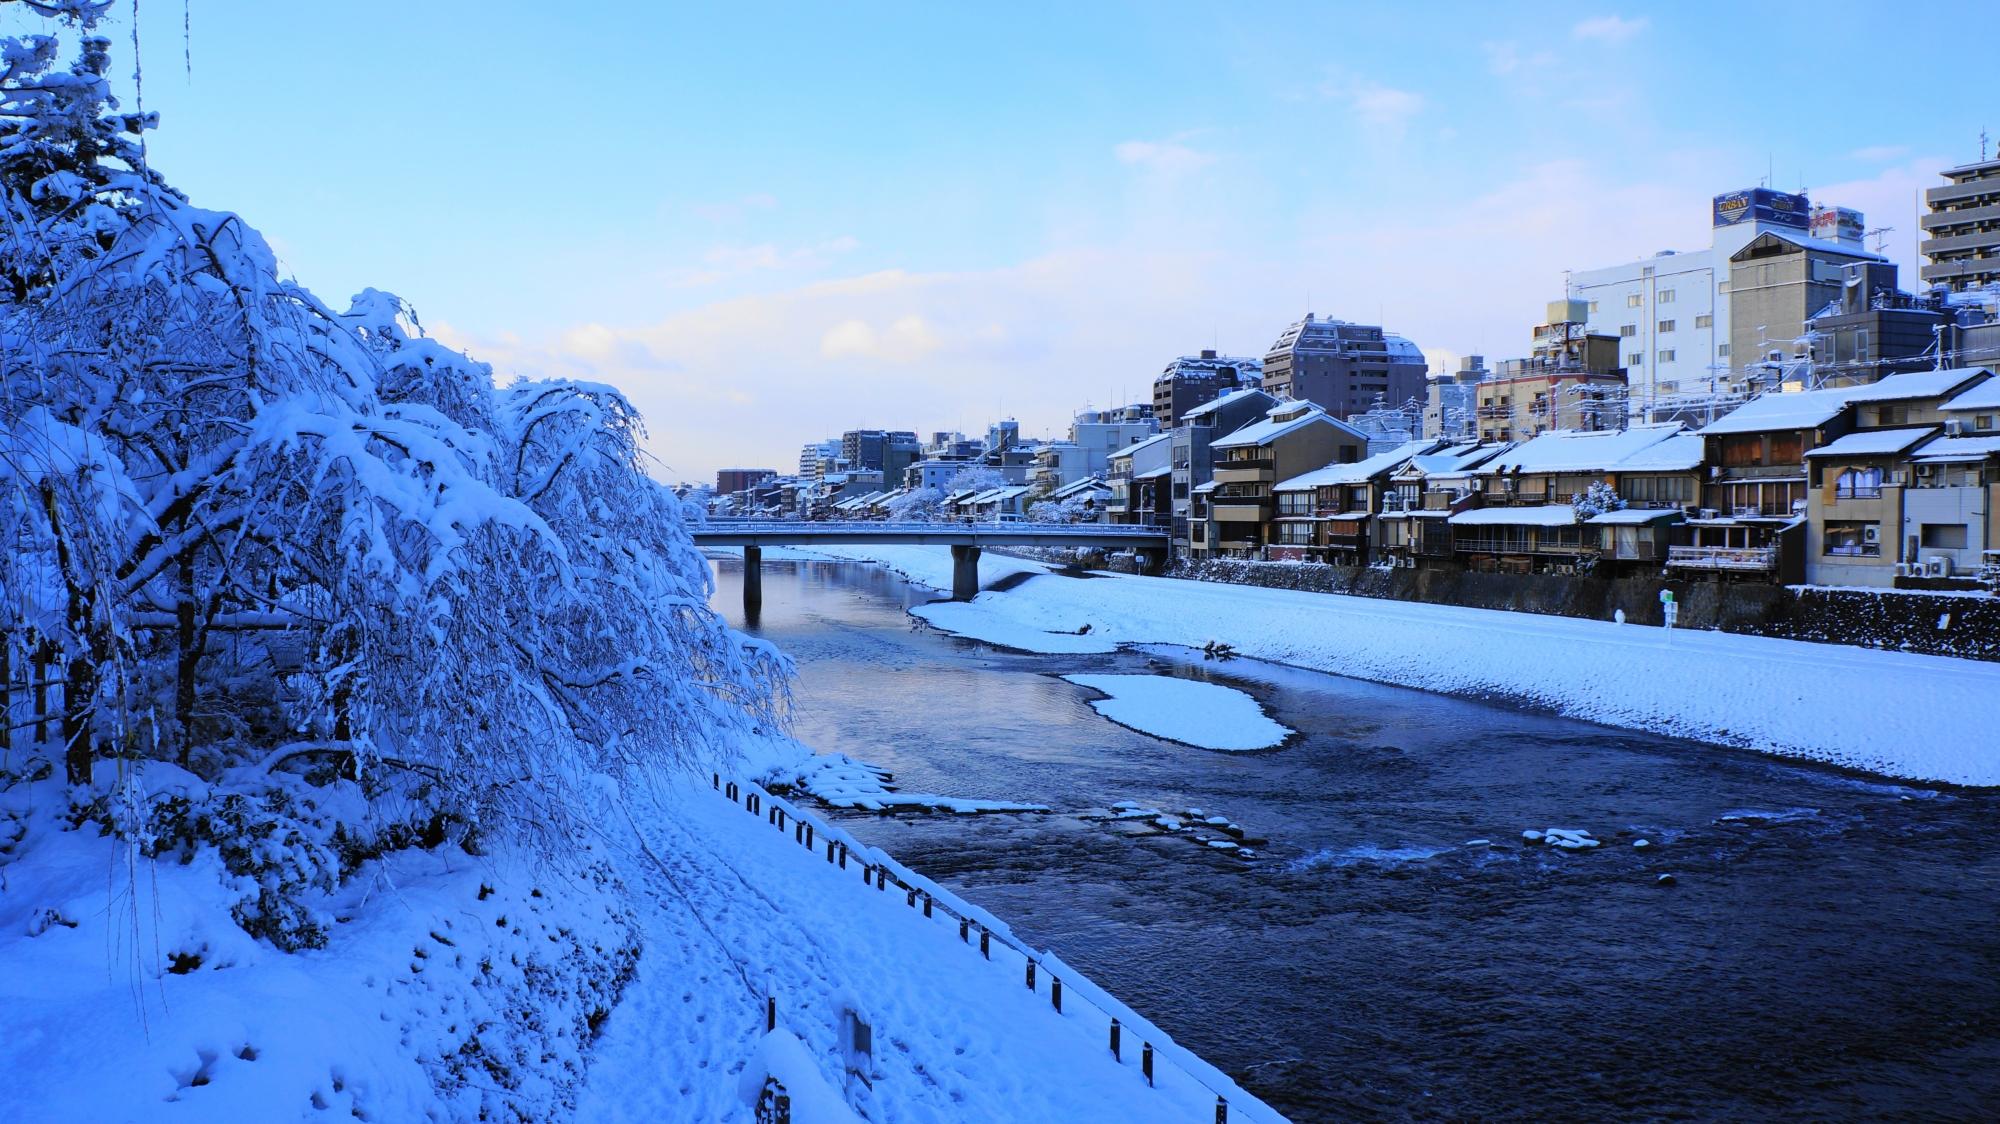 静寂につつまれた雪景色の鴨川